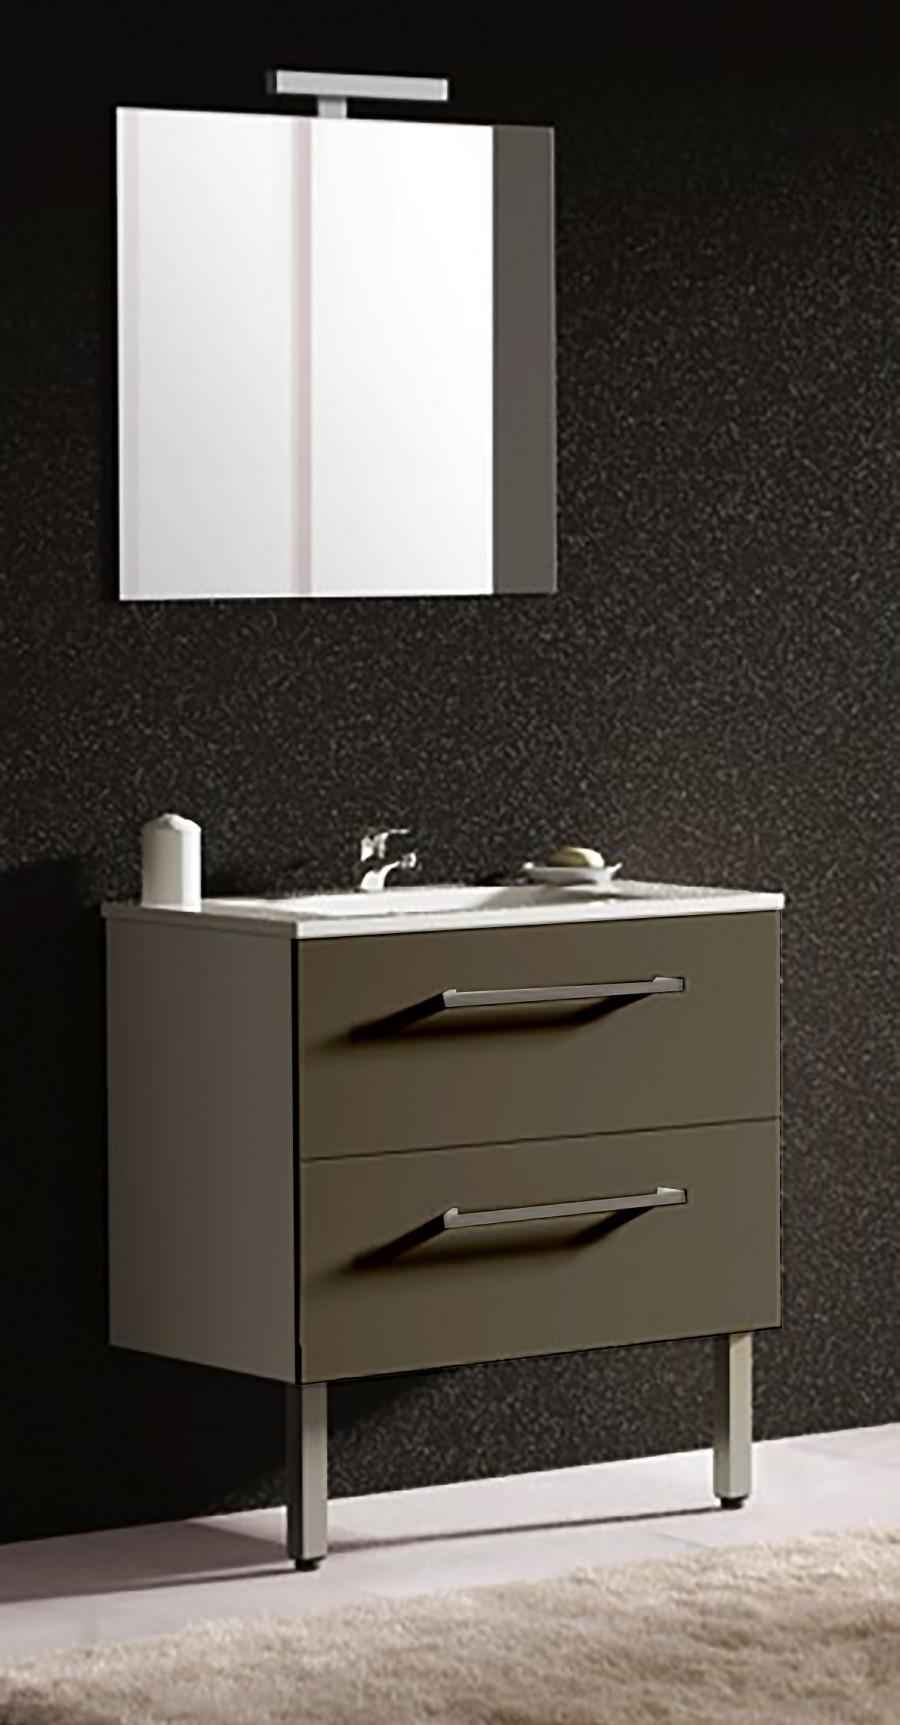 meuble simple vasque palace 80cm meuble de salle de bain douche baignoire. Black Bedroom Furniture Sets. Home Design Ideas